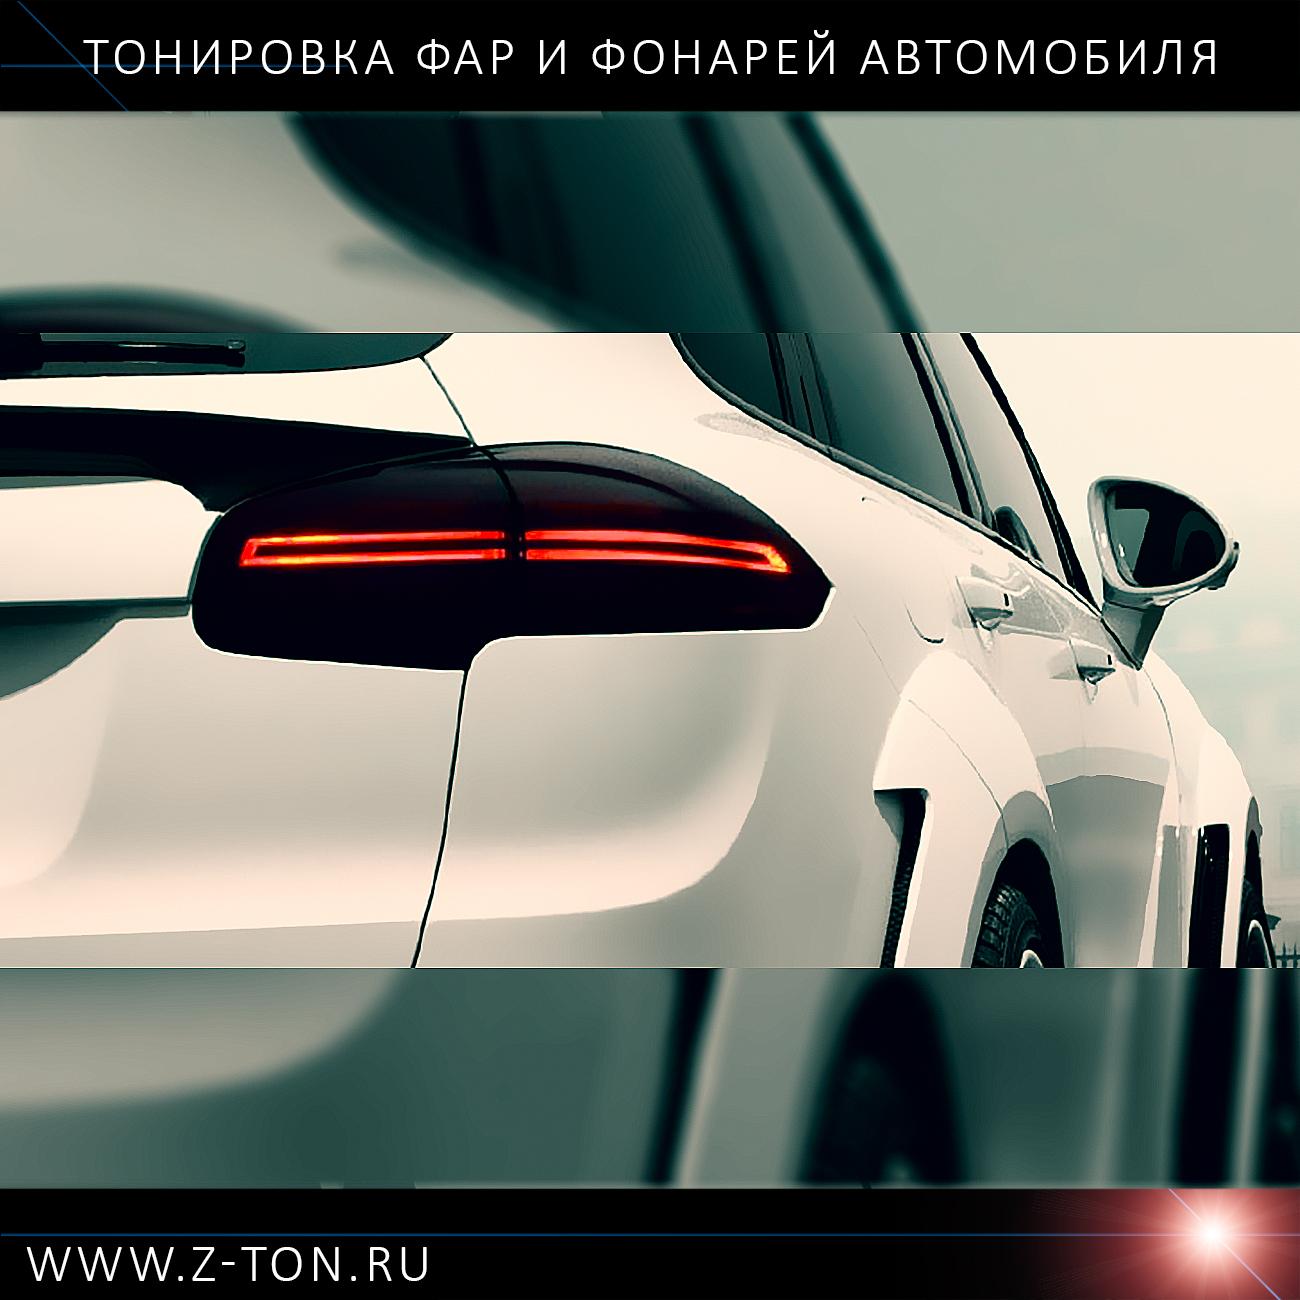 Тонировка фар и фонарей автомобиля в Зеленограде